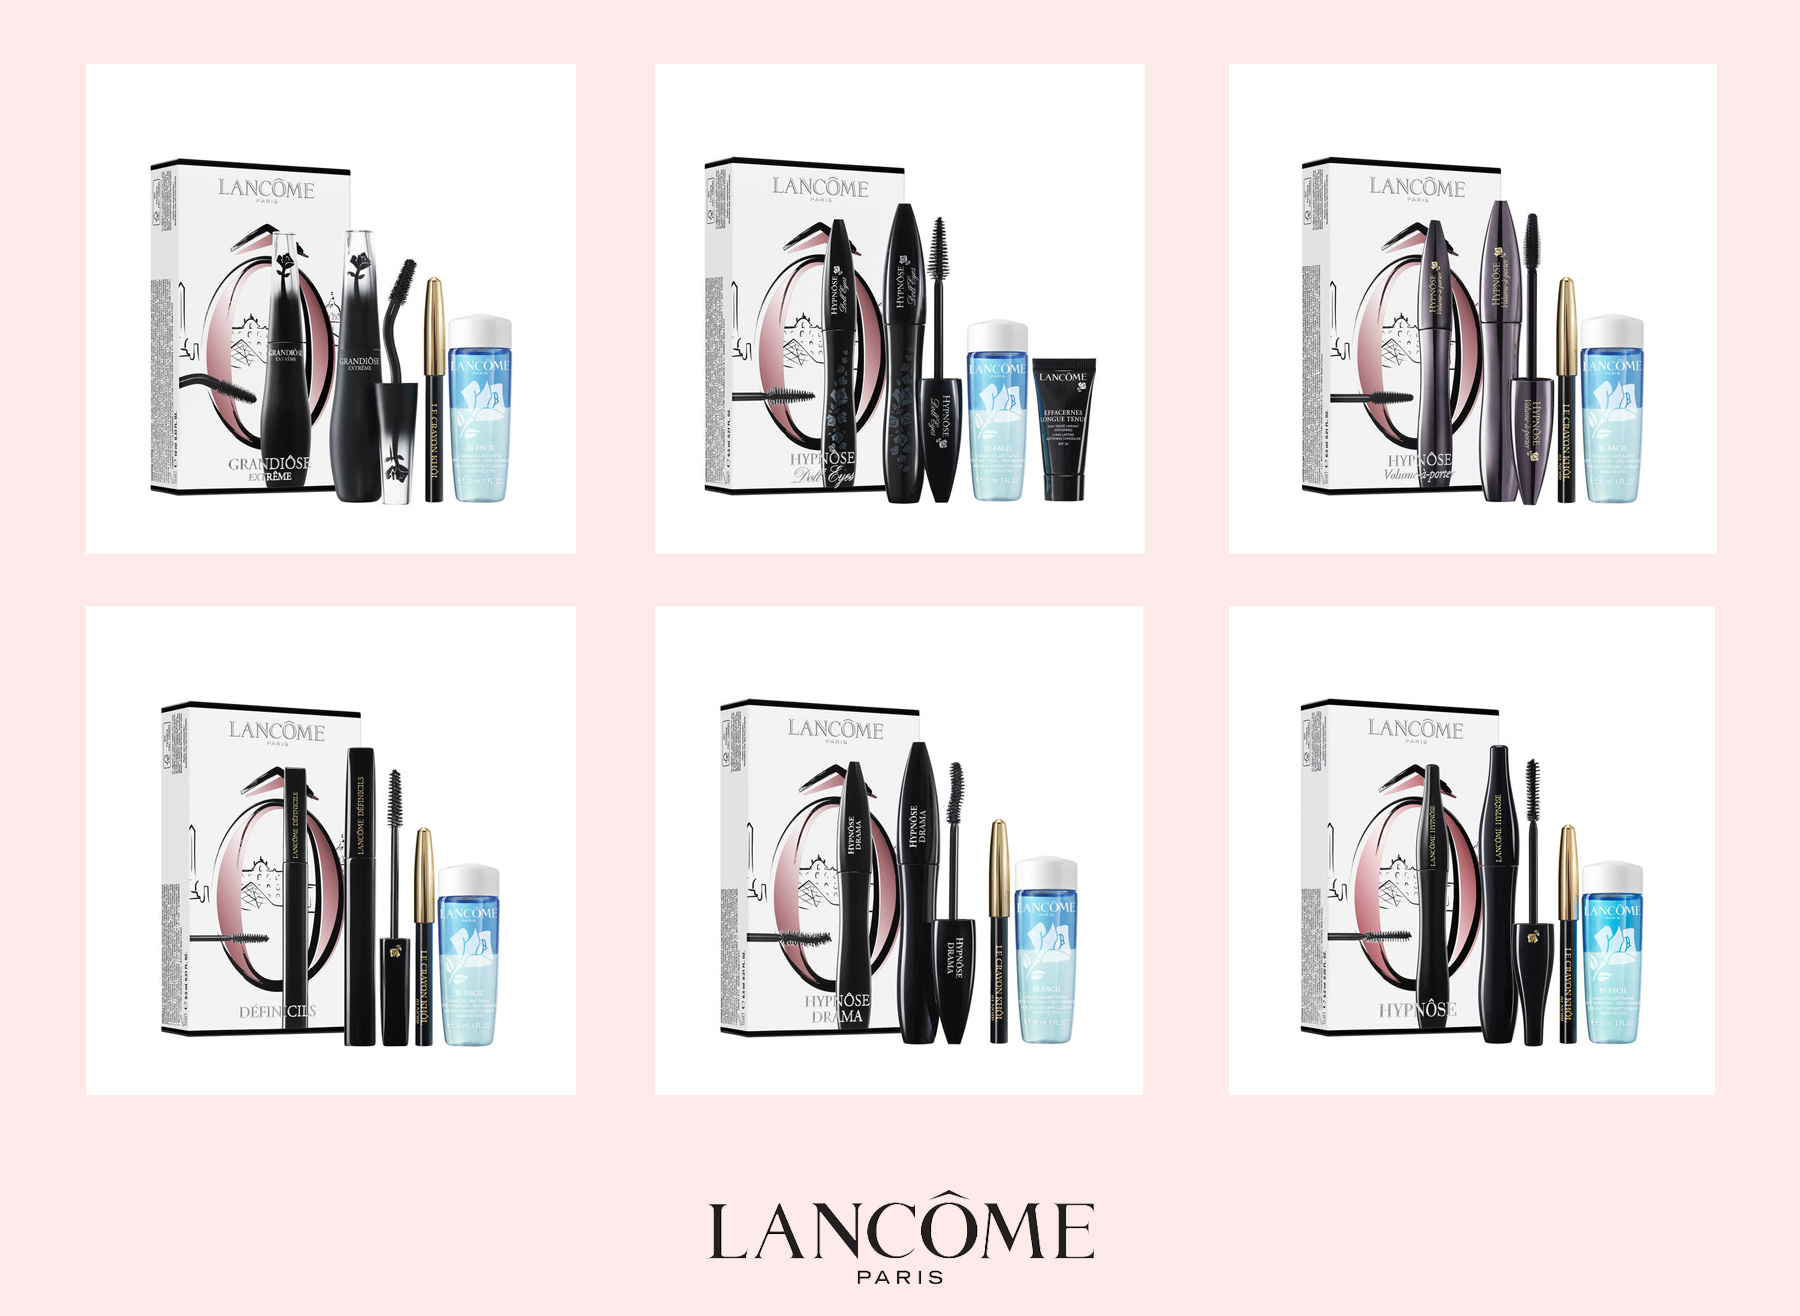 lancome-coffret-maquillage-fete-meres